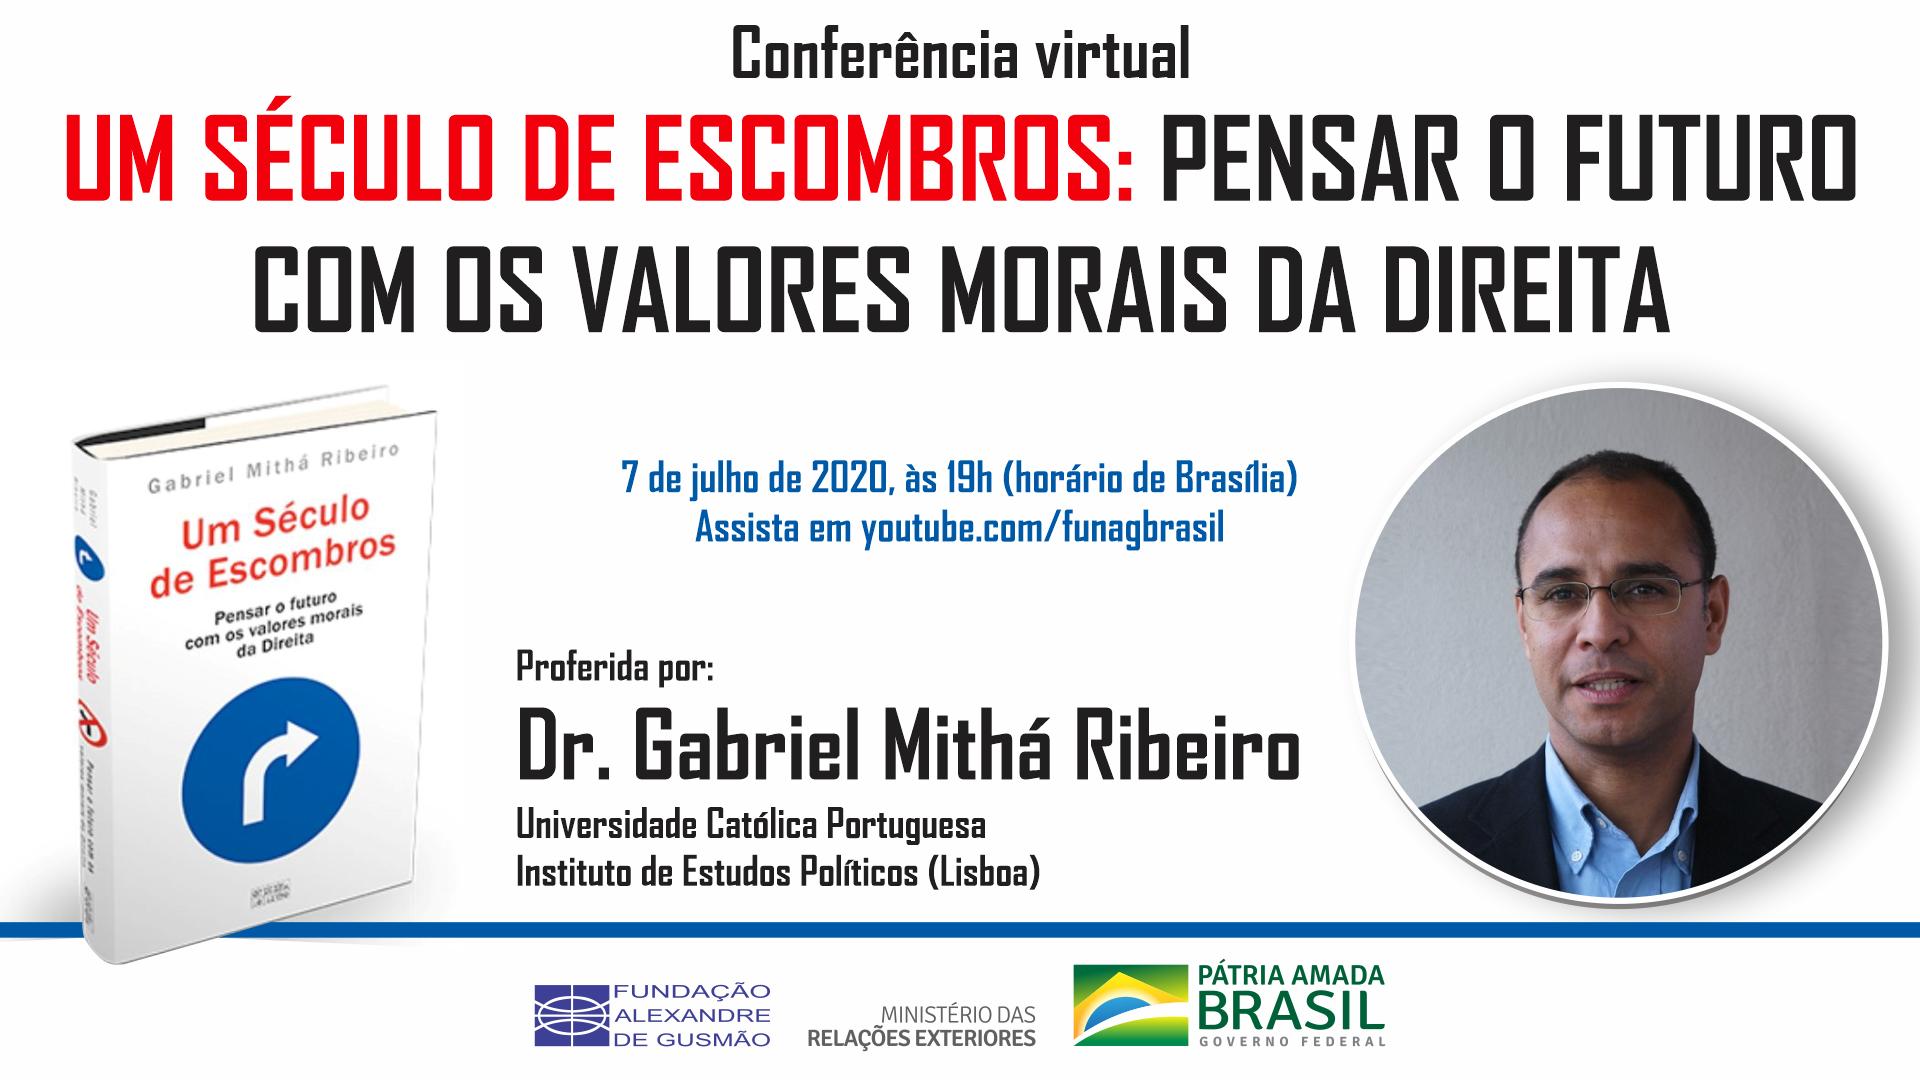 """Conferência """"Um século de escombros: pensar o futuro com os valores morais da direita"""", com Gabriel Mithá Ribeiro"""